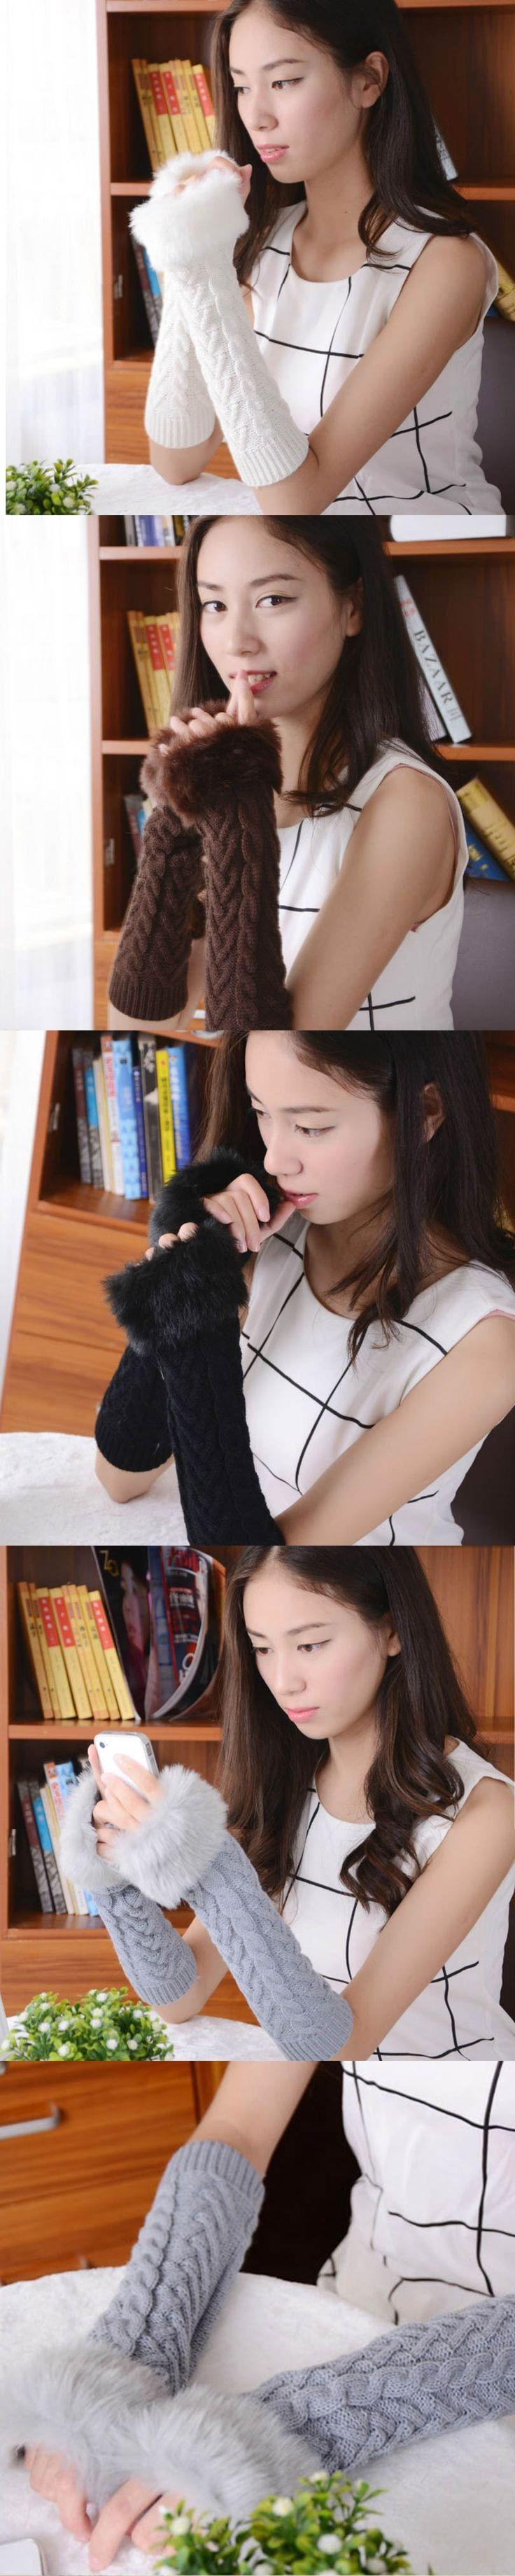 Amaizng Fashion Winter Knitted Arctic cashmere Fur Fingerless Gloves Women Elbow Soft Warm Mitten Genuine Fur Ladies Gloves